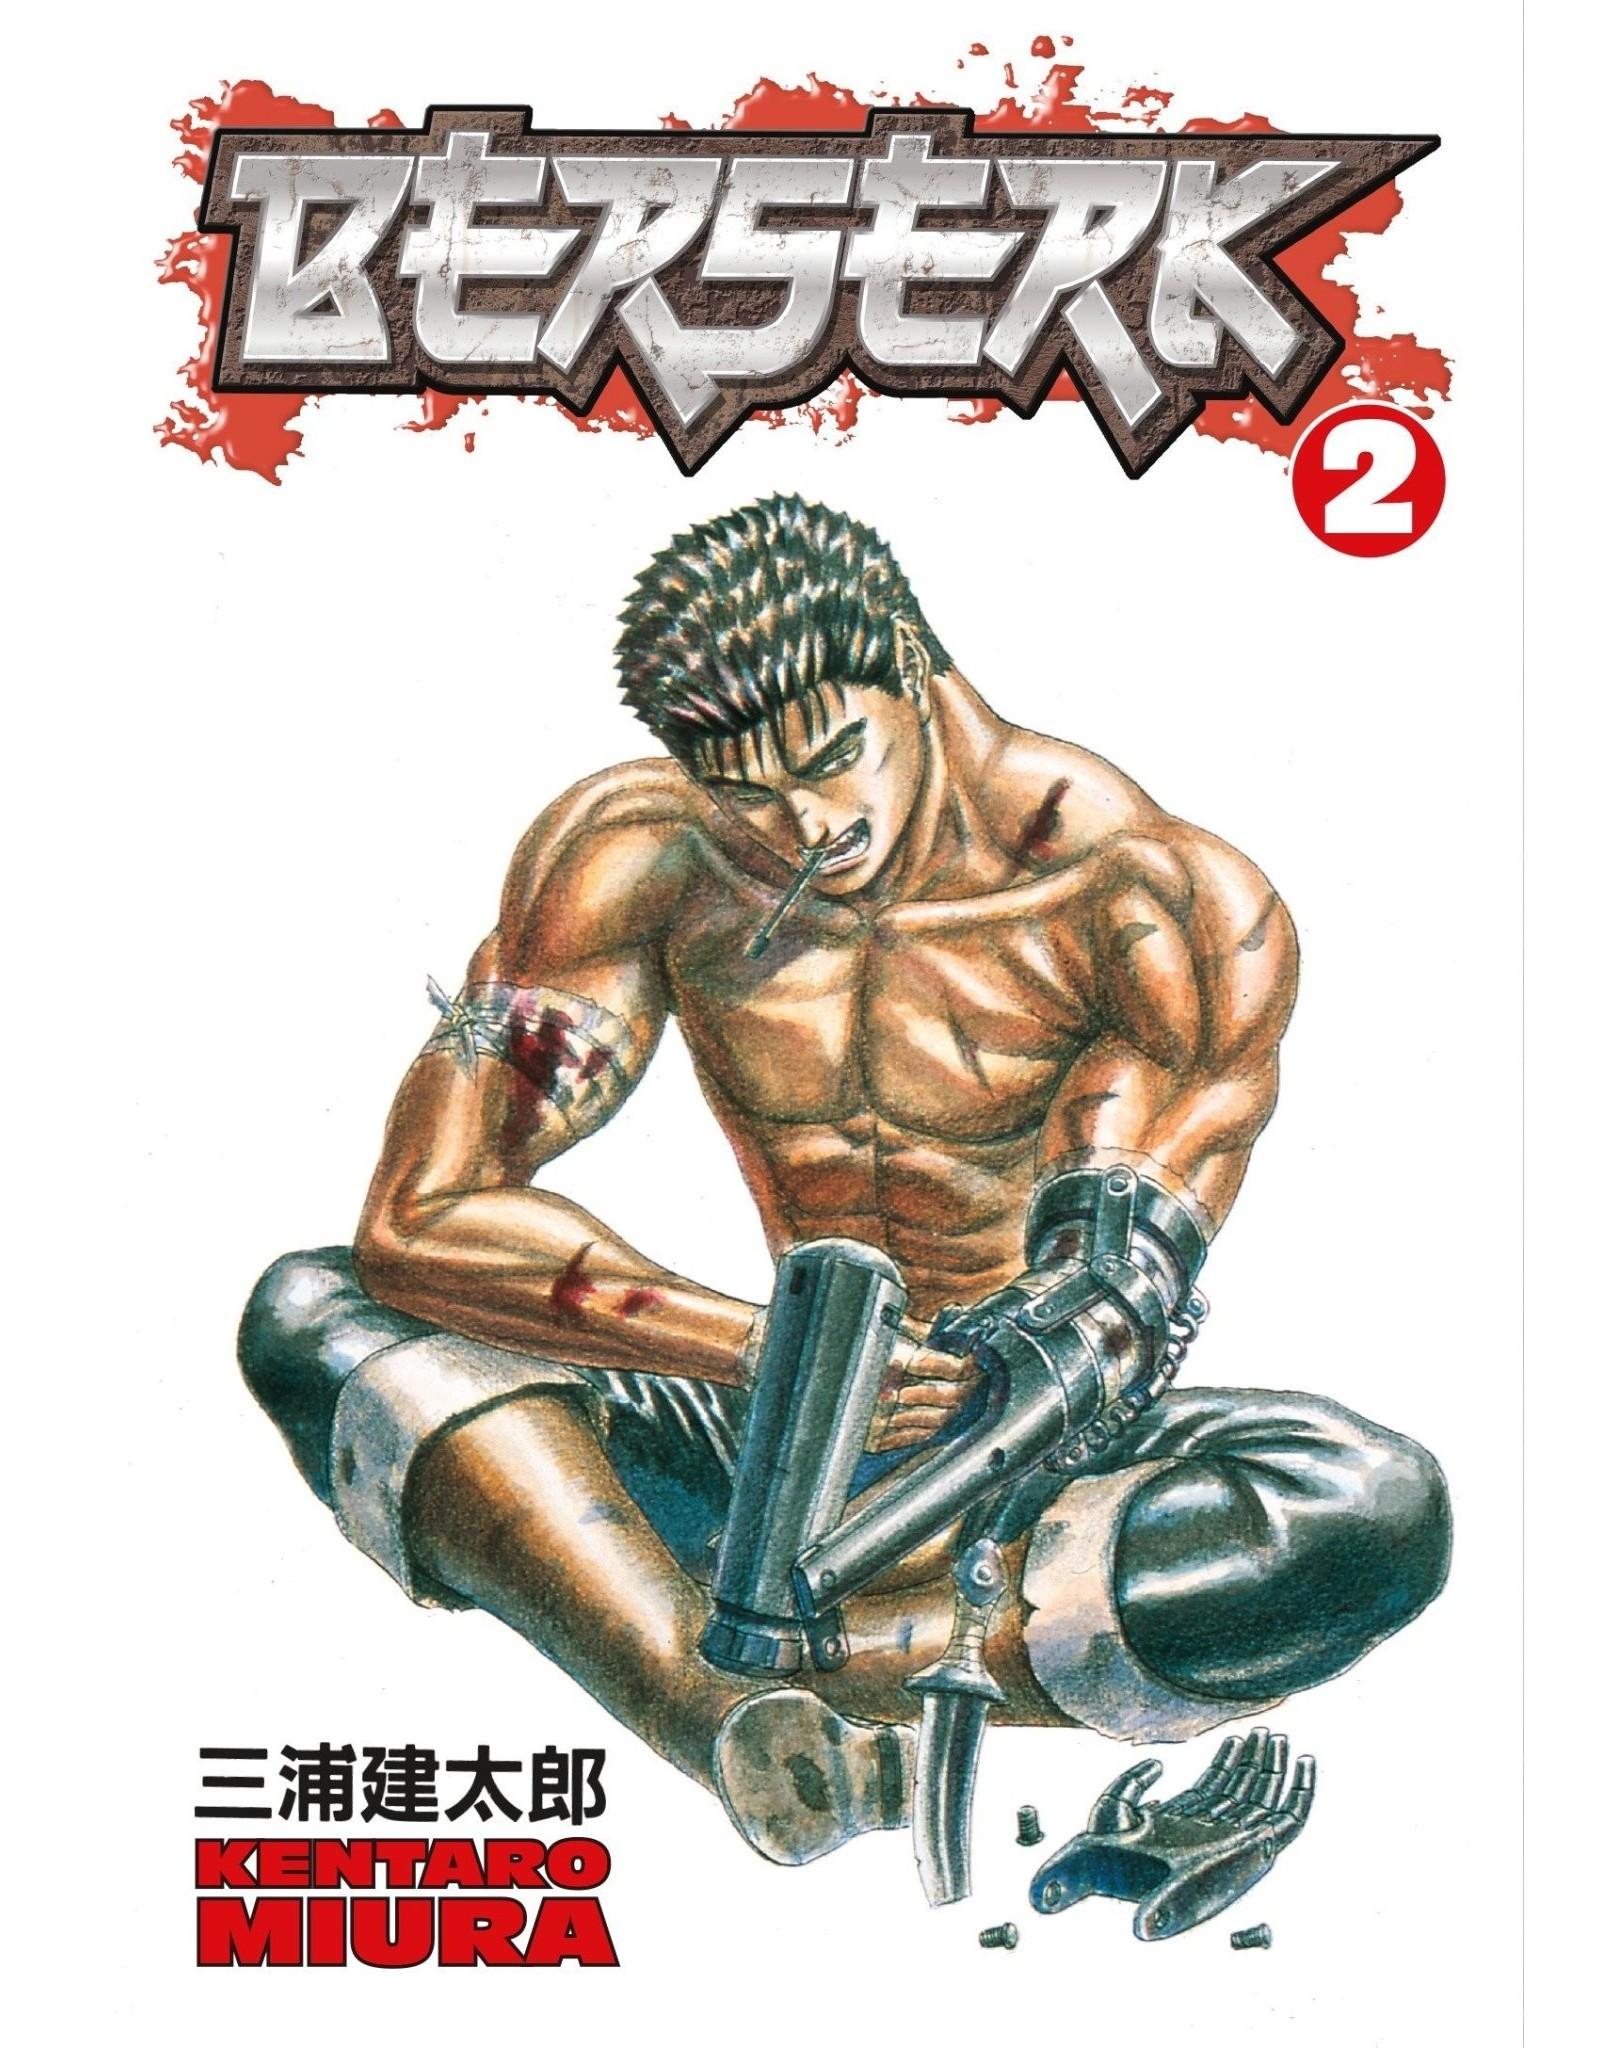 Berserk 02 (English) - Manga